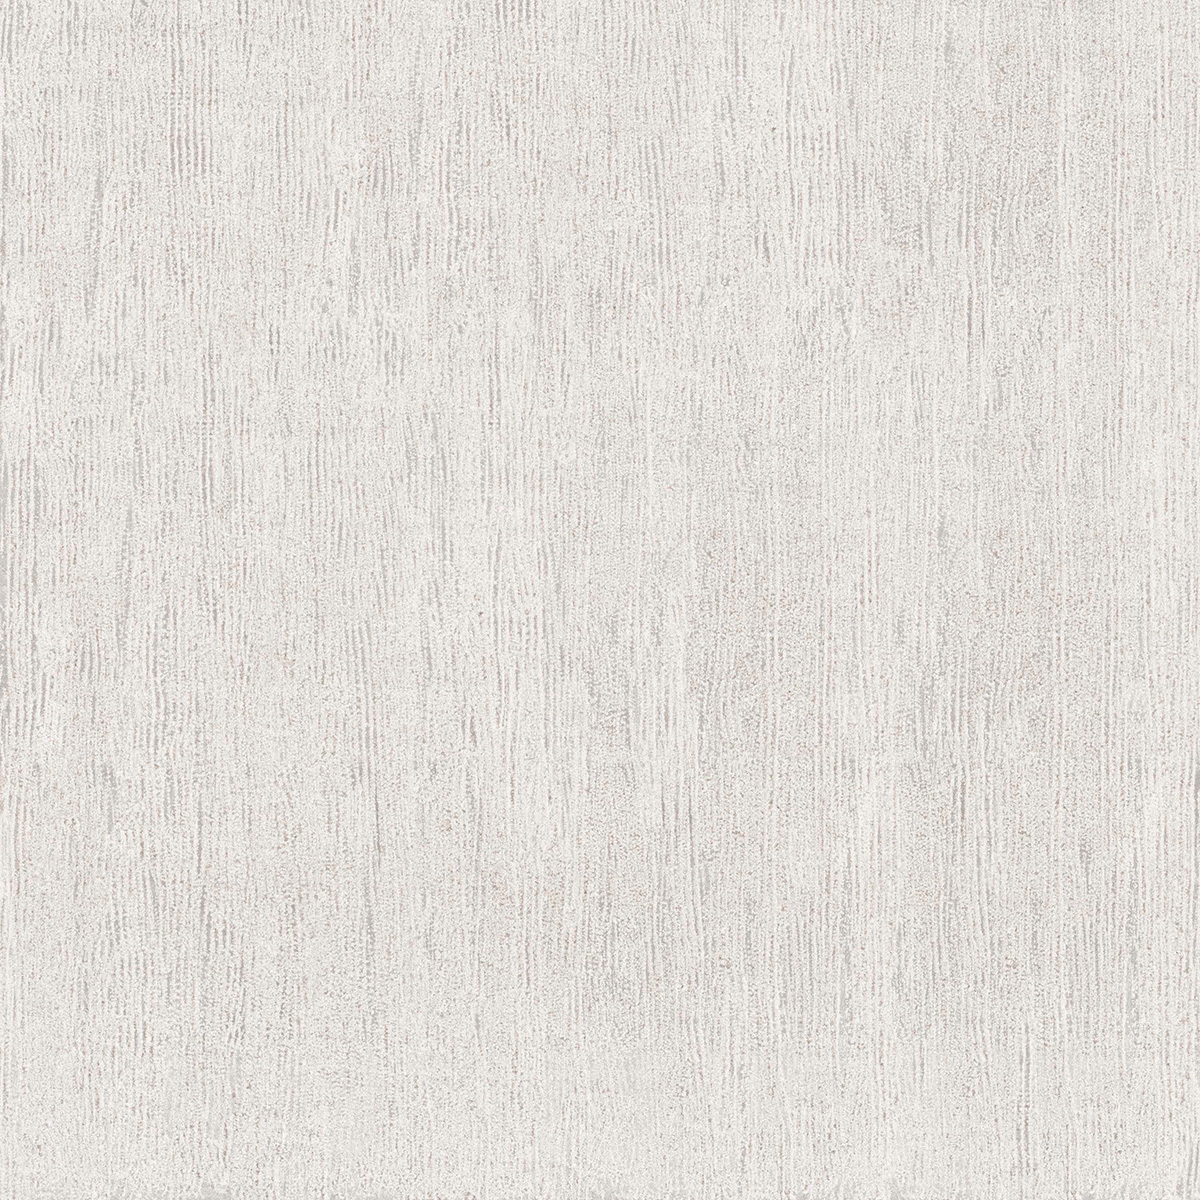 Delconca HSC2 Stone Capital Bianco